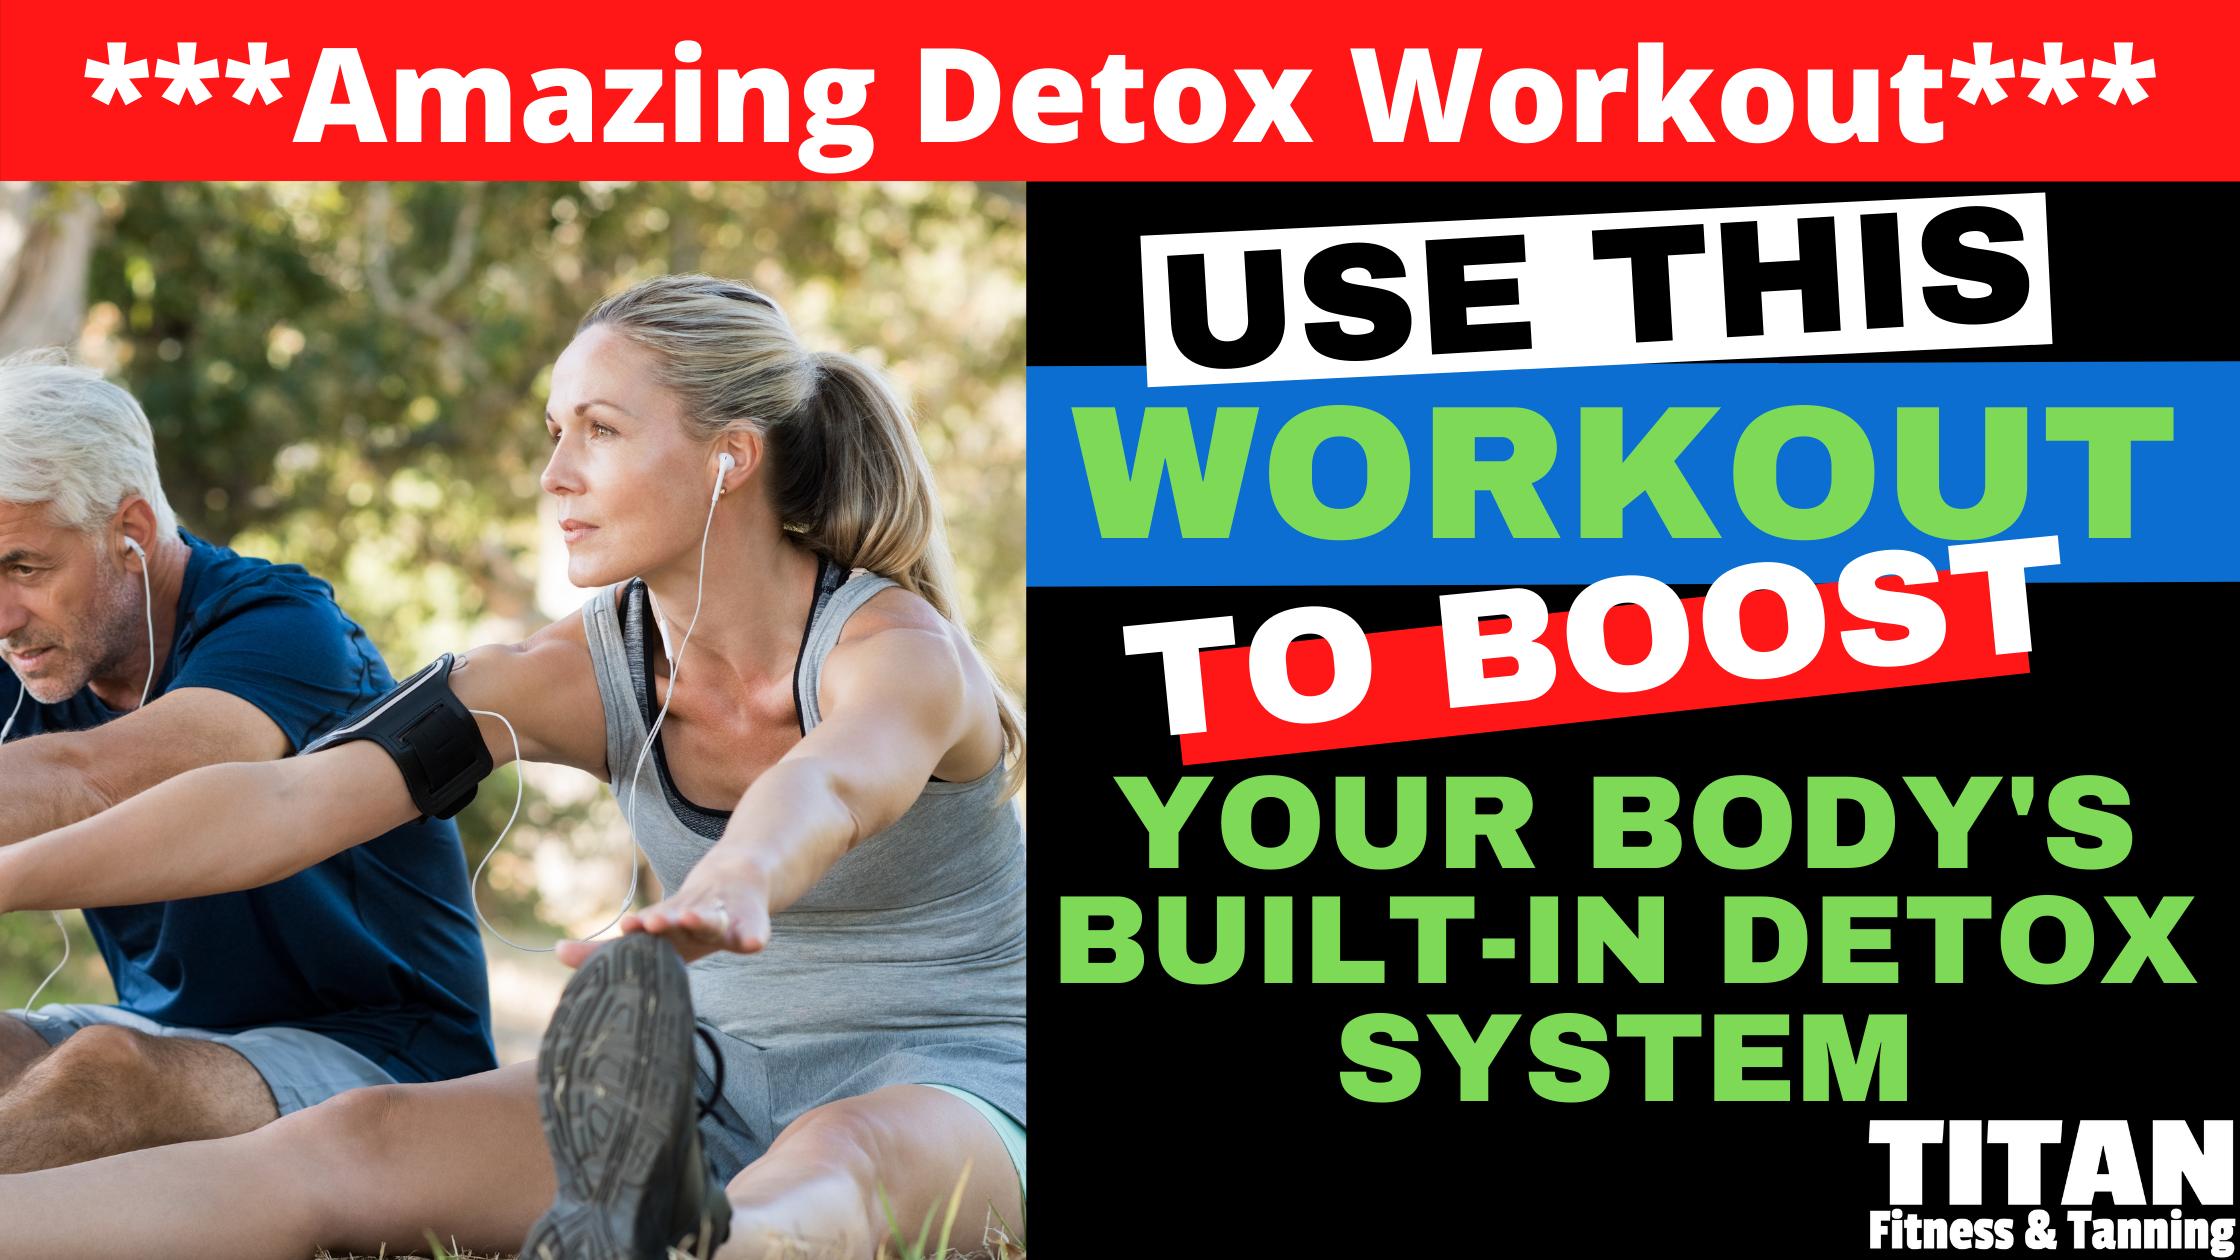 Amazing Detox Workout